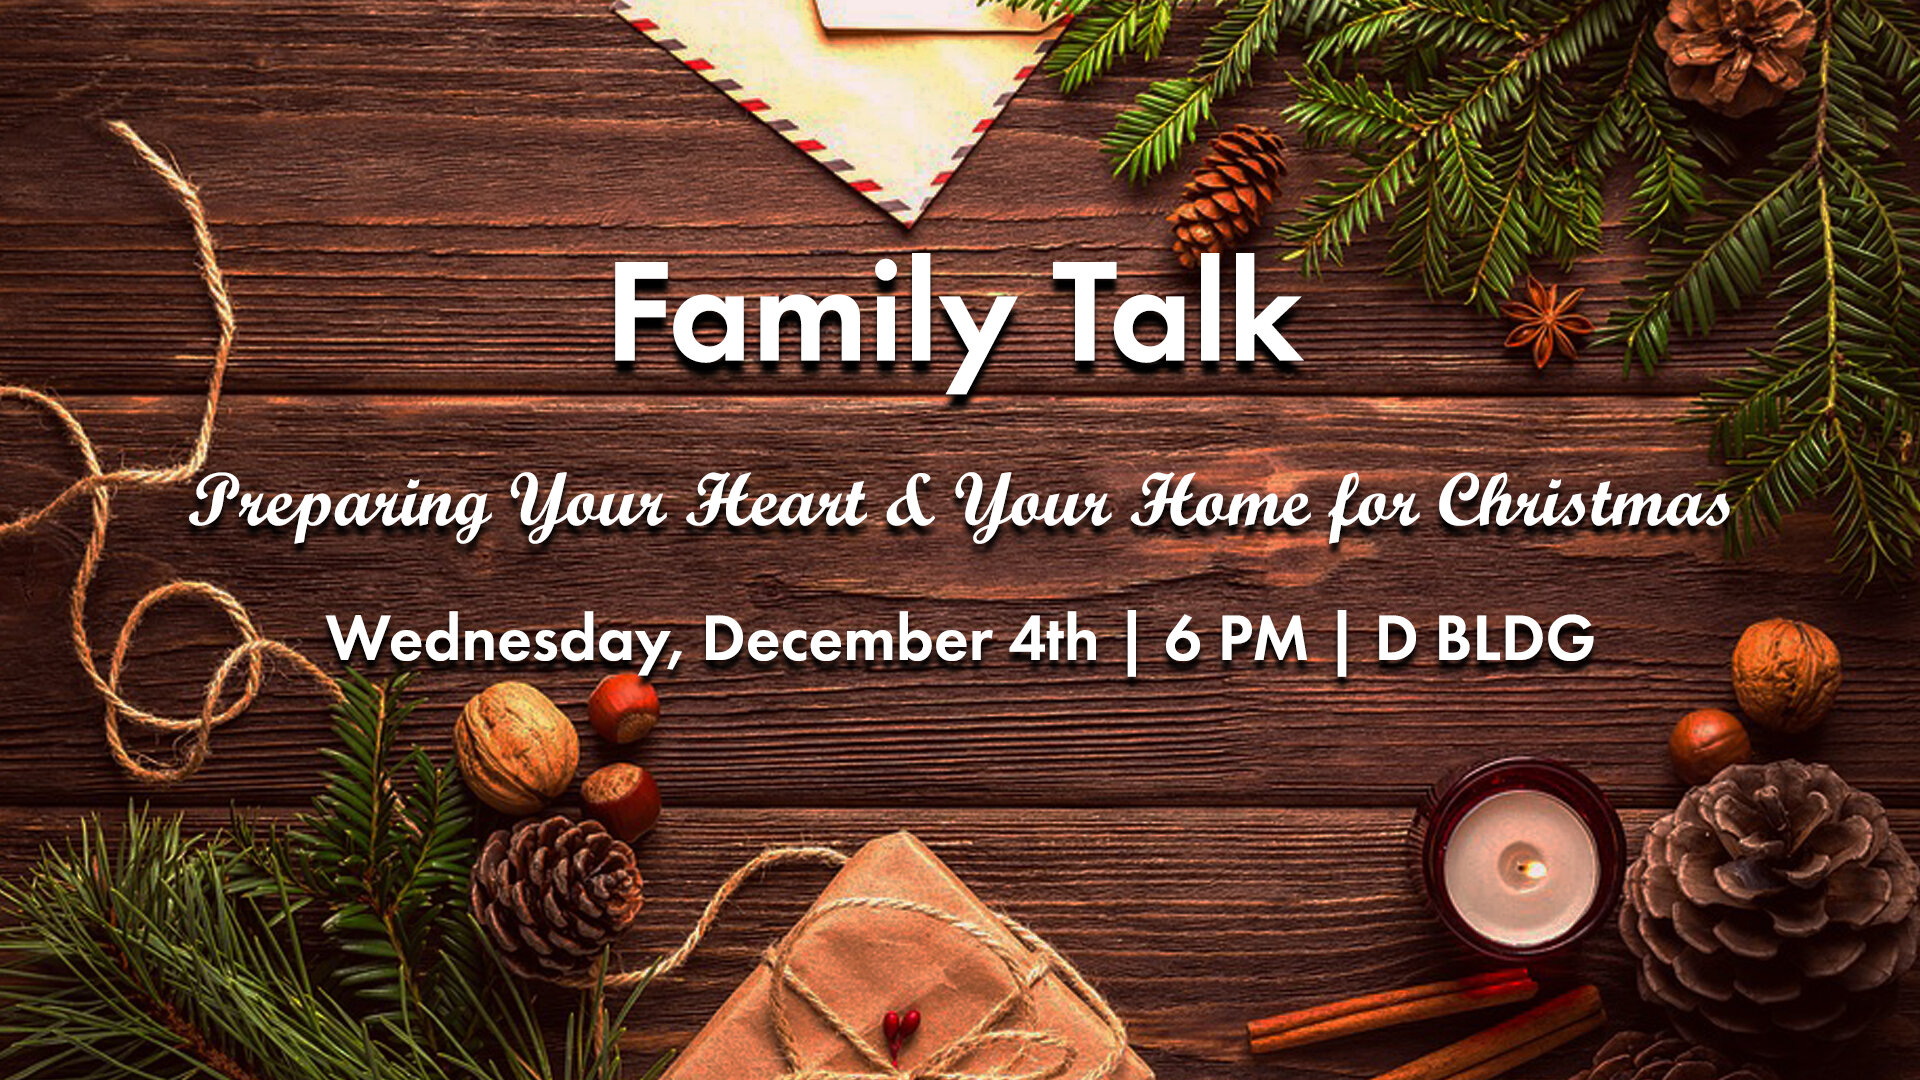 FamilyTalk December slide.jpg